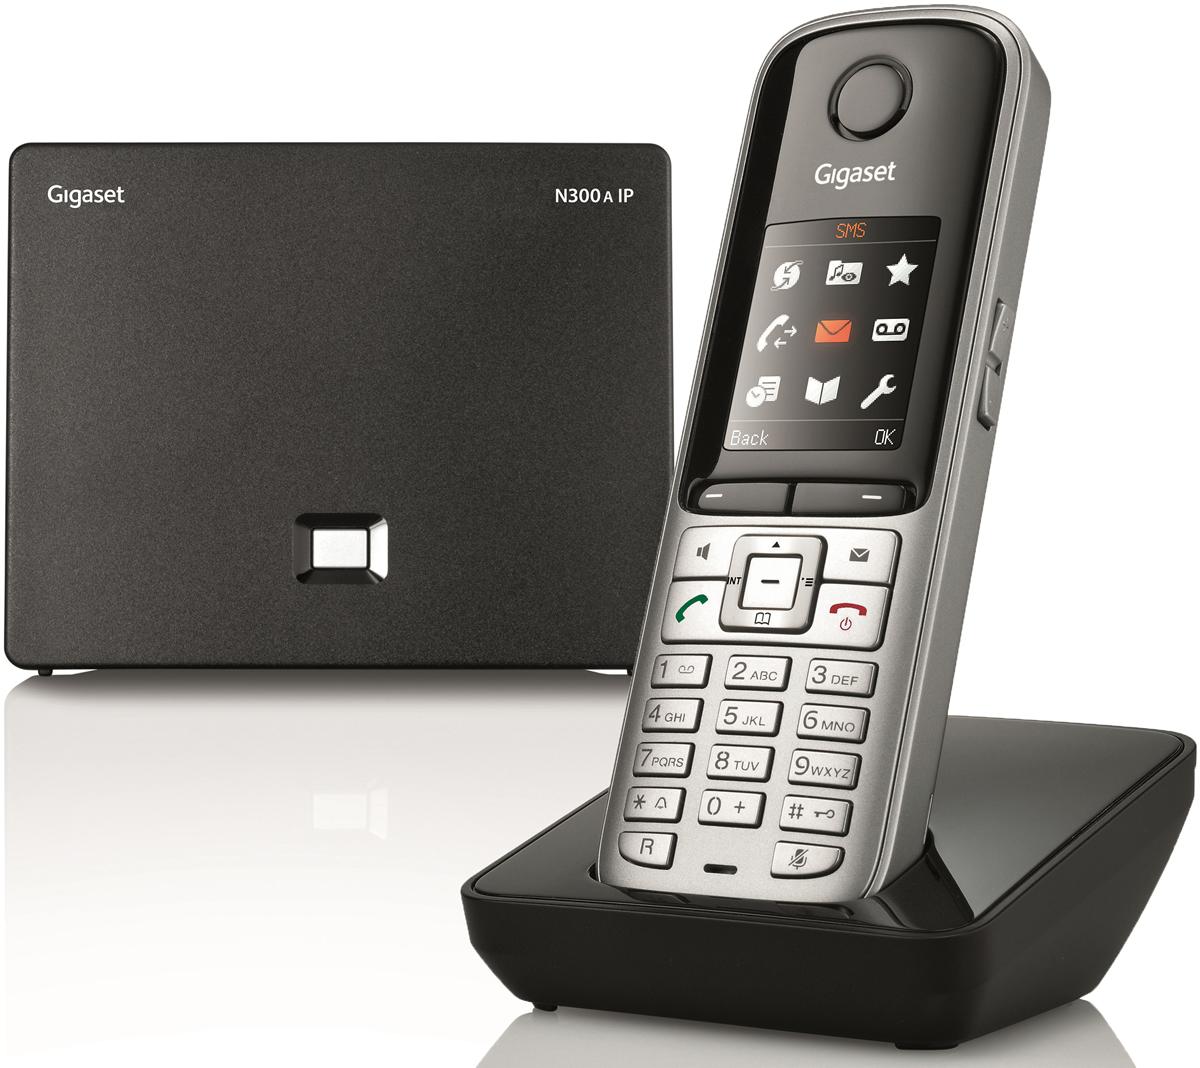 Gigaset S795 IP